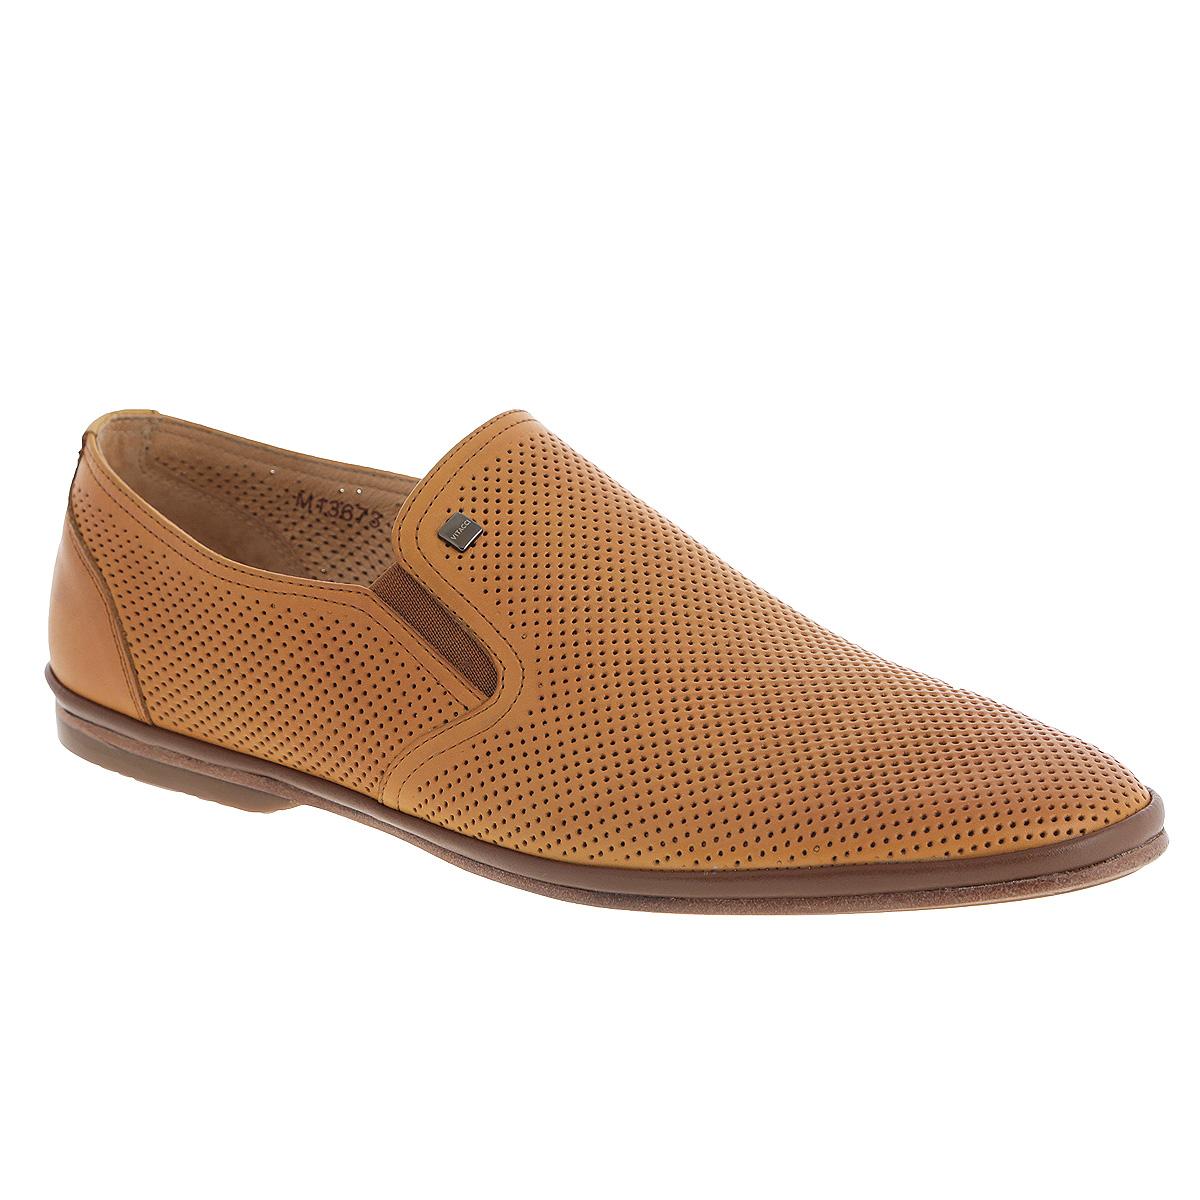 Туфли мужские. M1367M13672Стильные мужские туфли Vitacci займут достойное место среди вашей коллекции обуви. Модель изготовлена из натуральной высококачественной кожи и декорирована небольшой металлической пластиной с названием бренда на подъеме. Перфорация обеспечивает отличную вентиляцию, позволяет ногам дышать. Резинки, расположенные по бокам, гарантируют оптимальную посадку модели на ноге. Стелька из натуральной кожи комфортна при движении. Подошва дополнена противоскользящим рифлением. Изысканные туфли прекрасно завершат ваш элегантный образ.